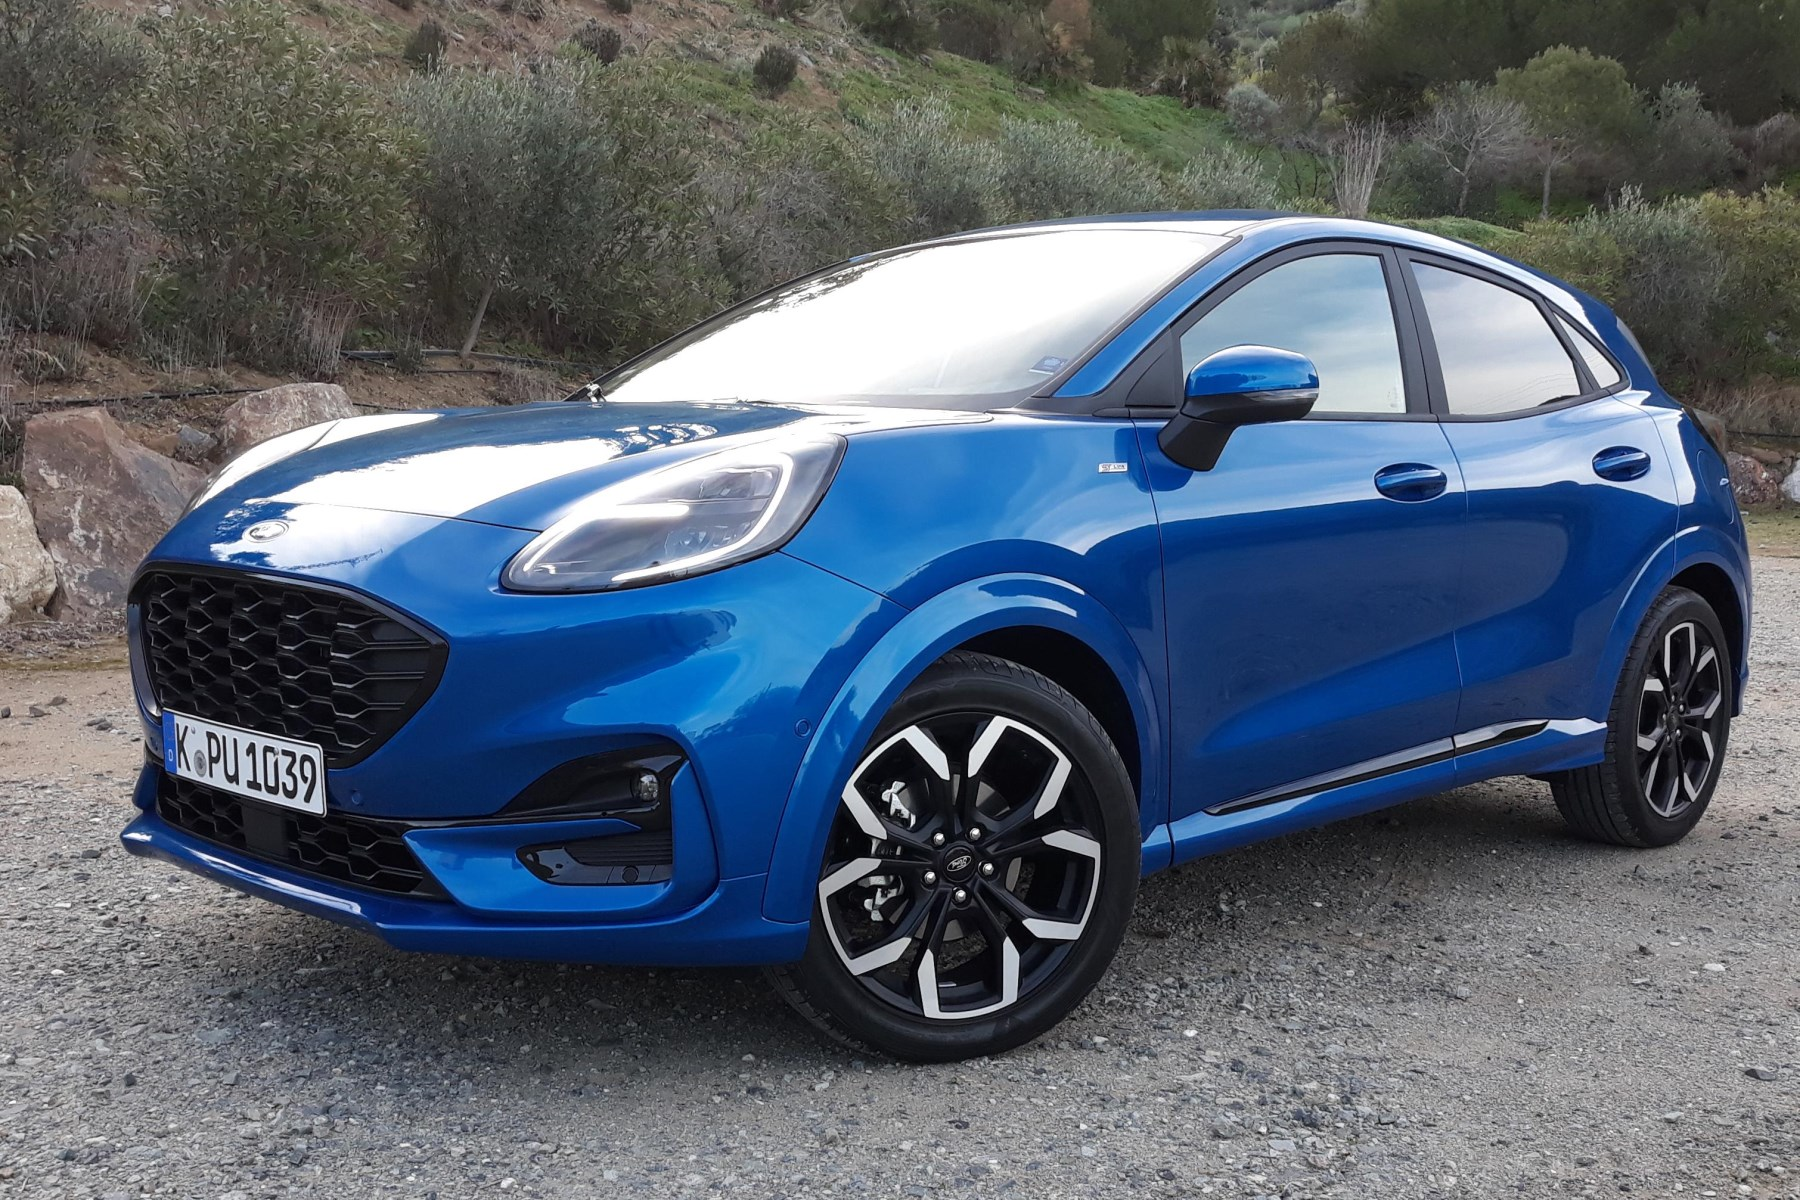 Ford Puma - Spain launch